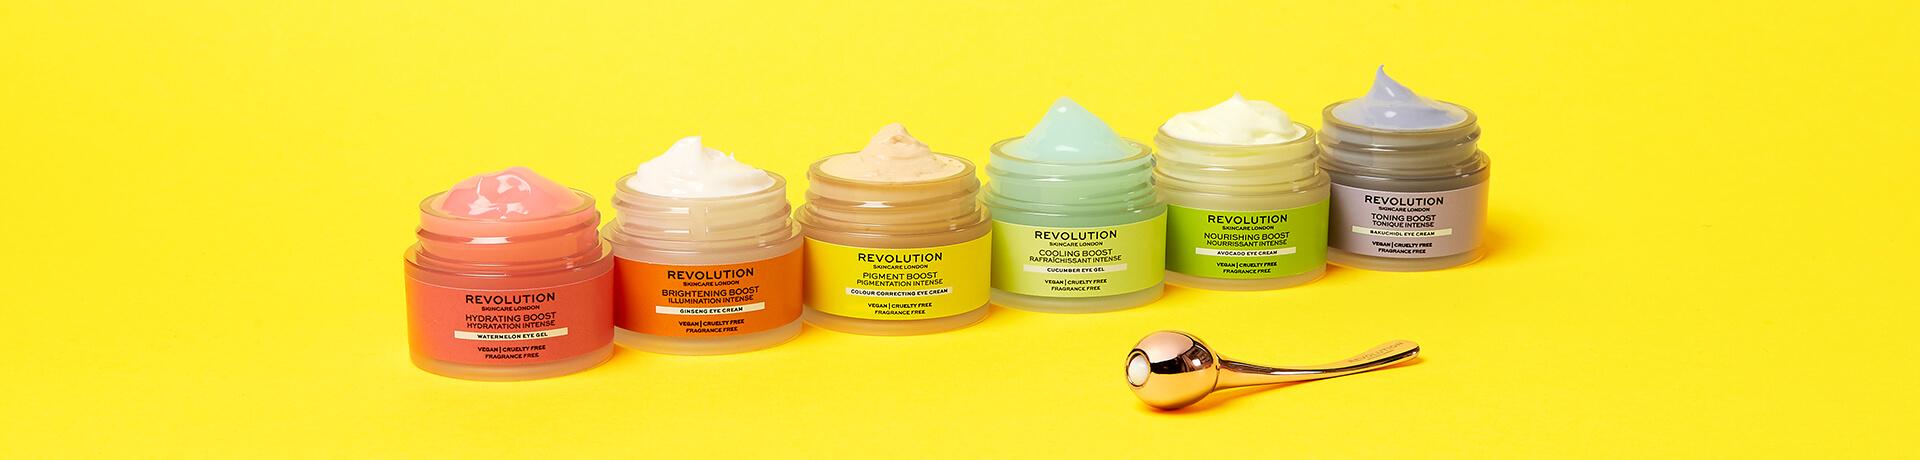 6 of The Best Boosting Eye Creams